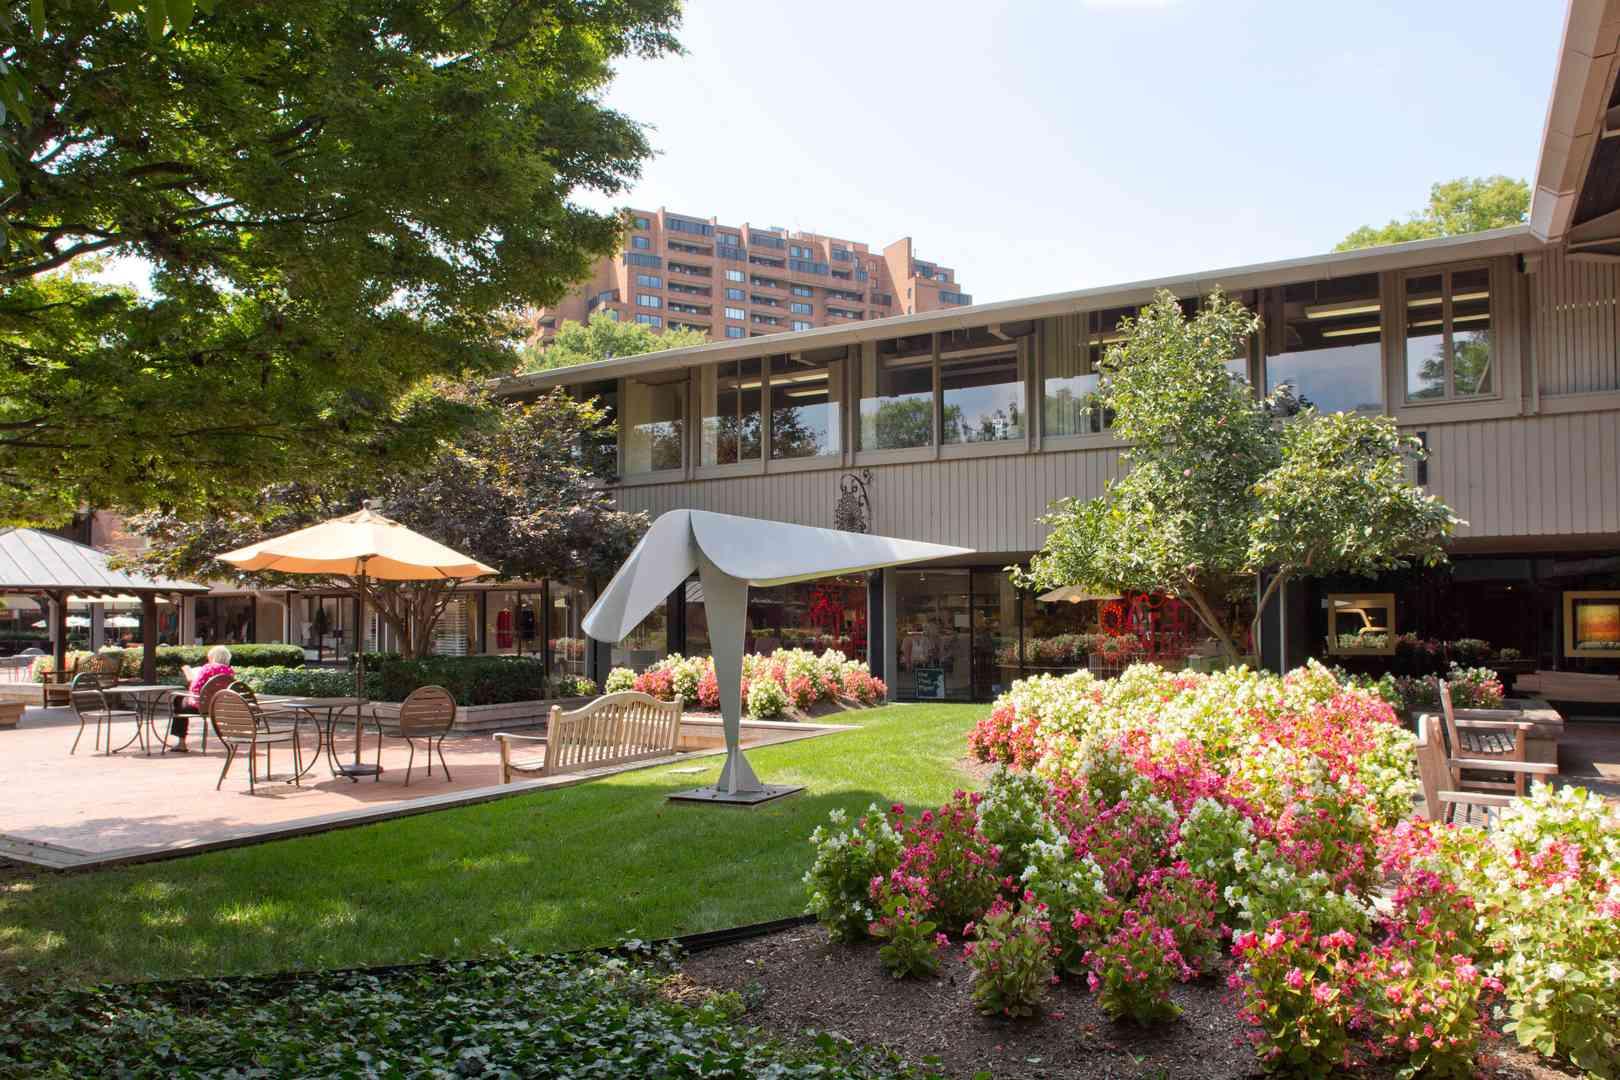 Áreas de descanso al aire libre con jardines de colores en el pueblo de Cross Keys Baltimore